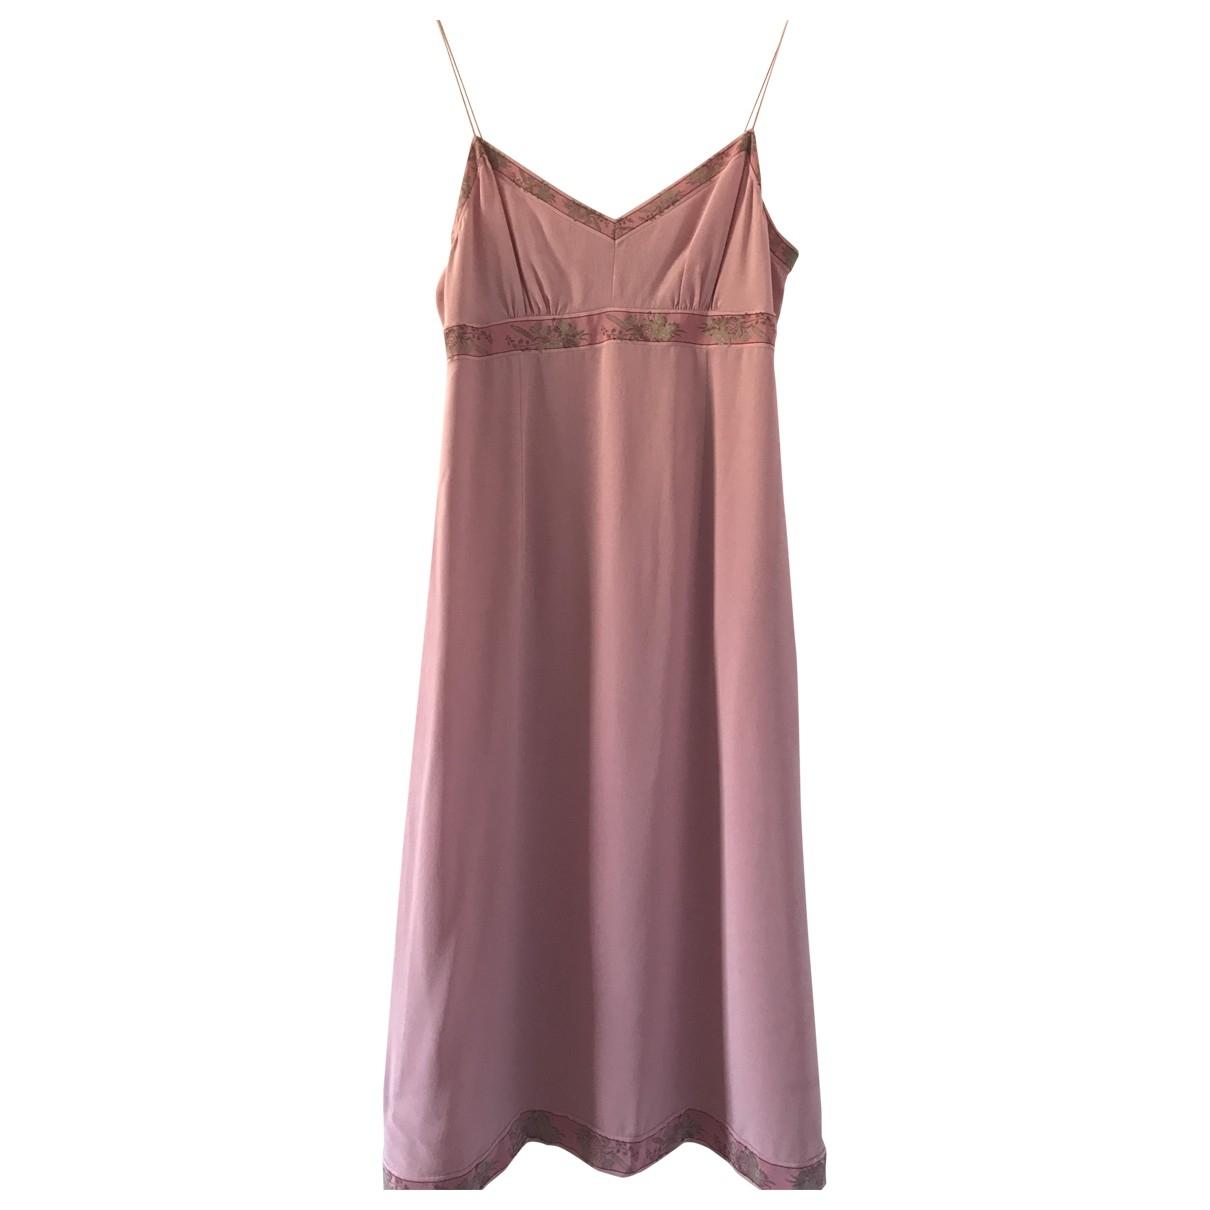 J.crew - Robe   pour femme en soie - rose